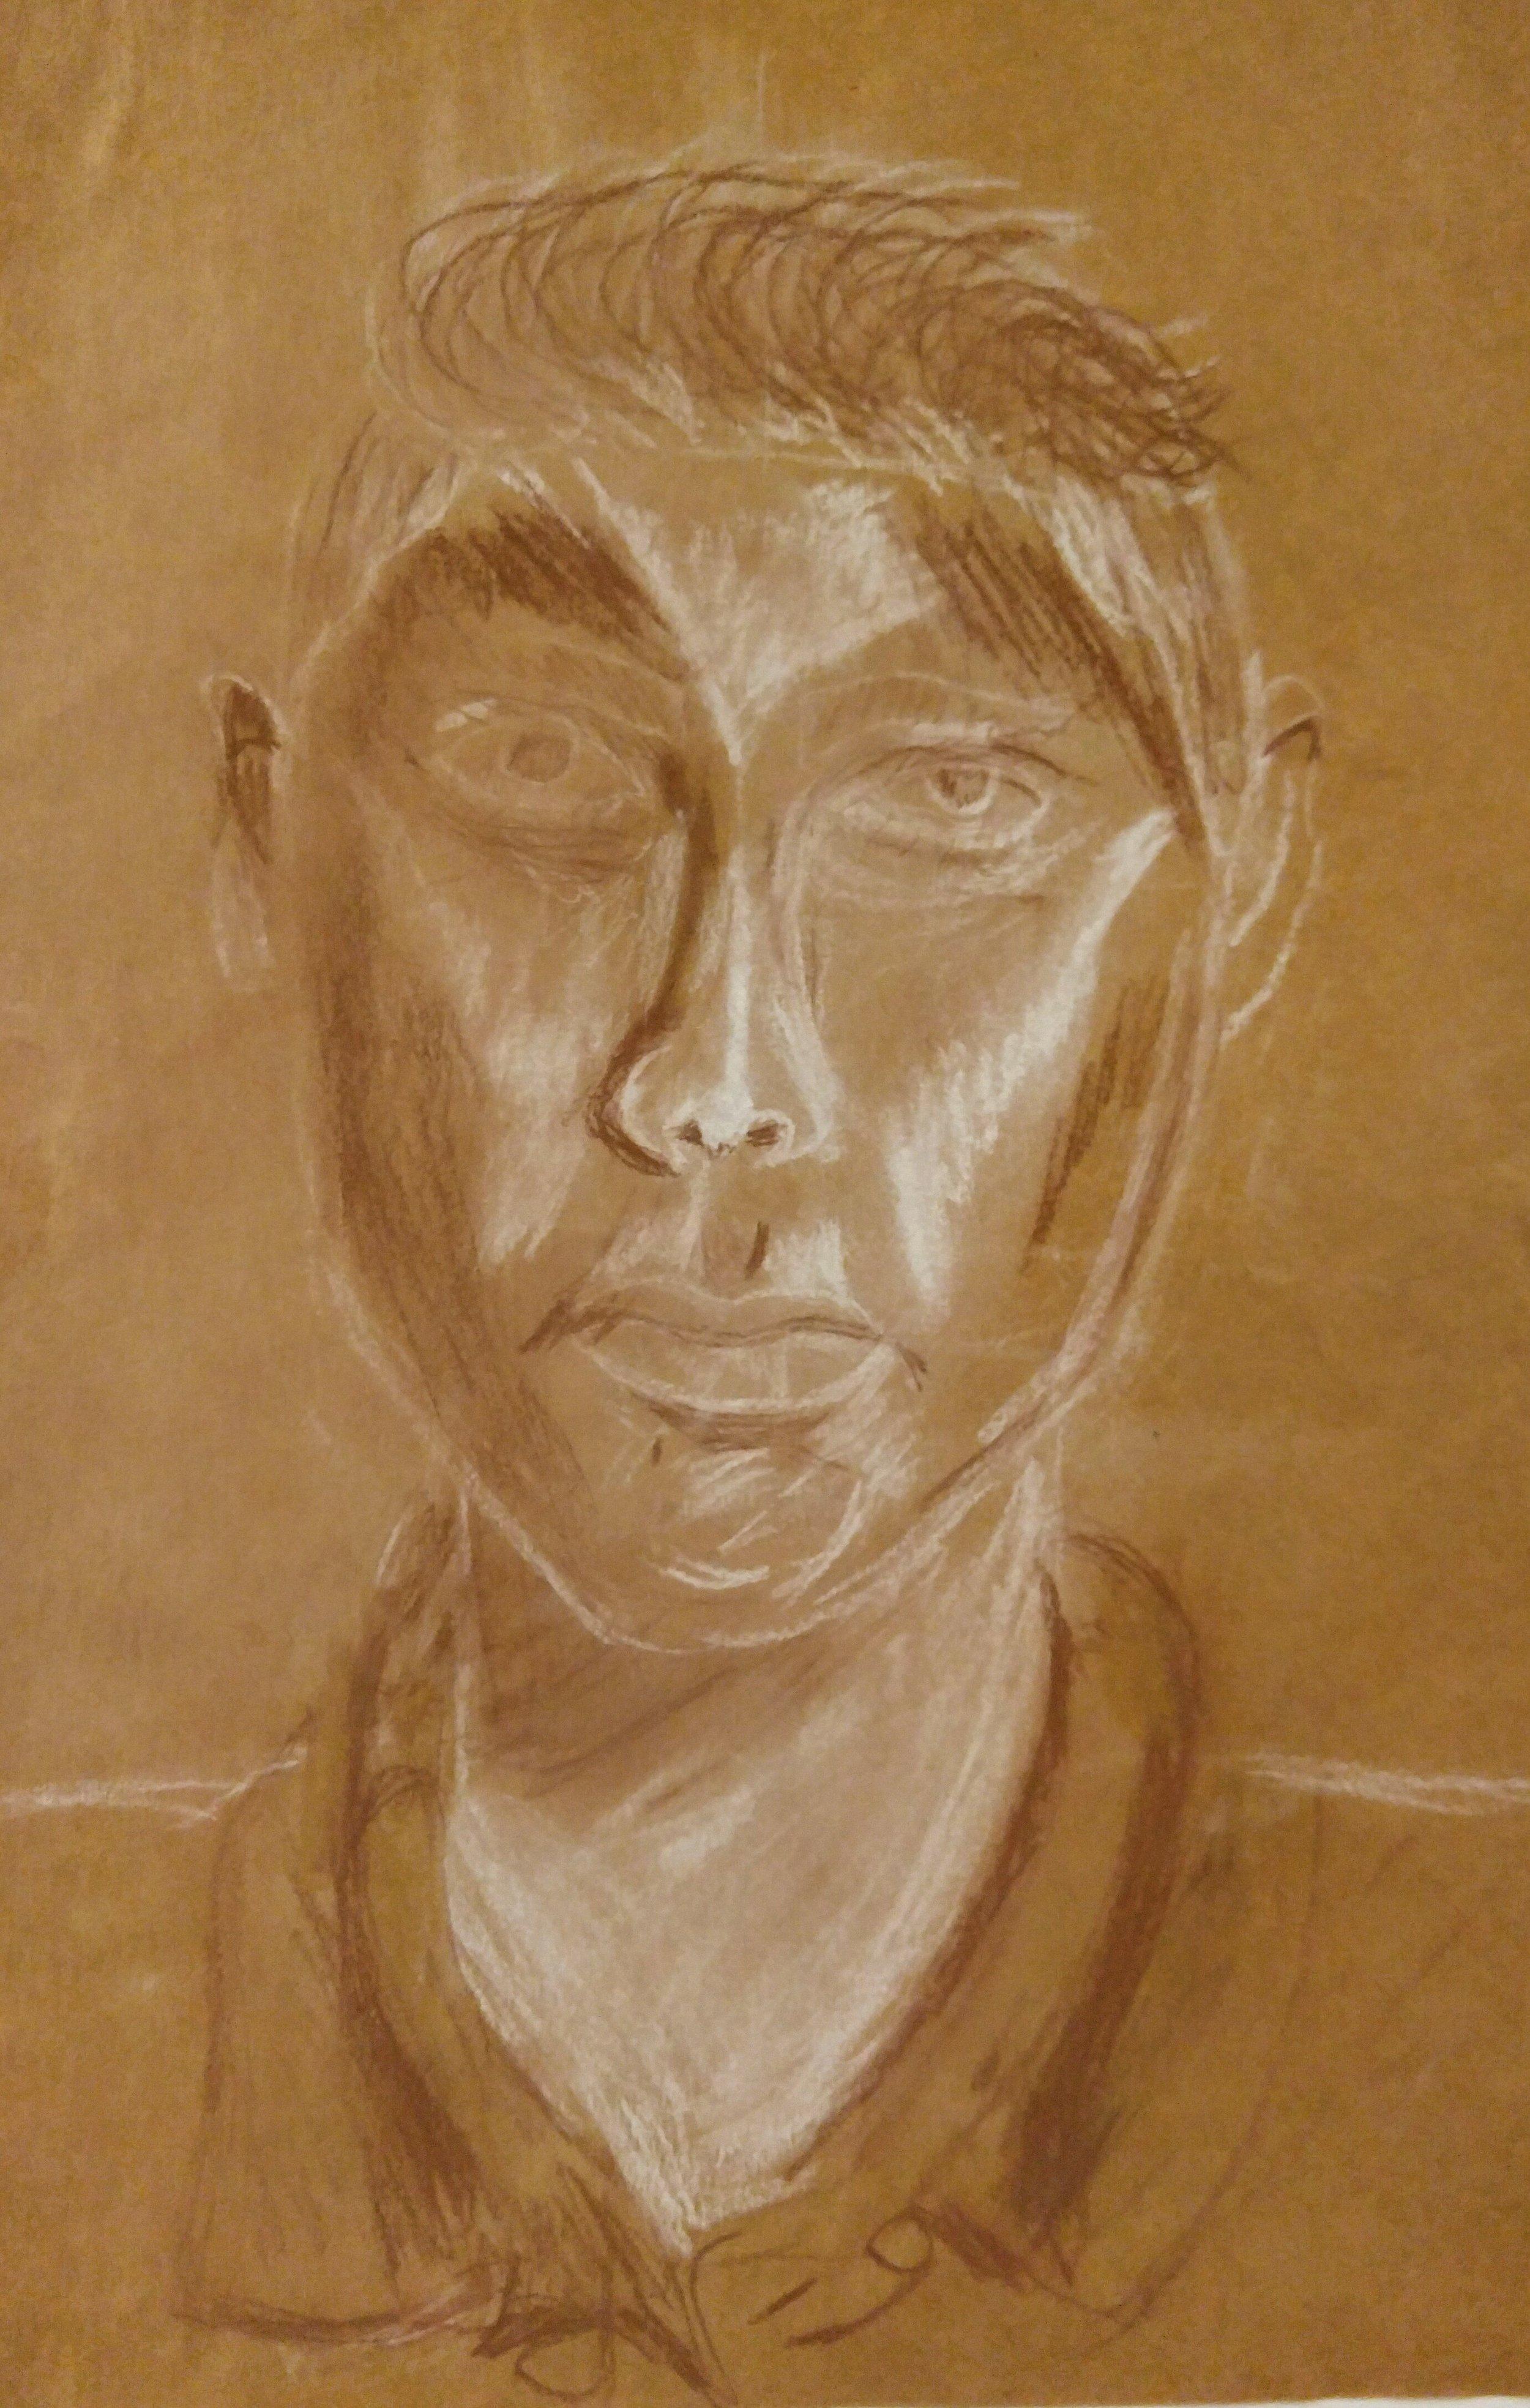 Ryan  Grade 5  Conte Crayon on Toned Paper